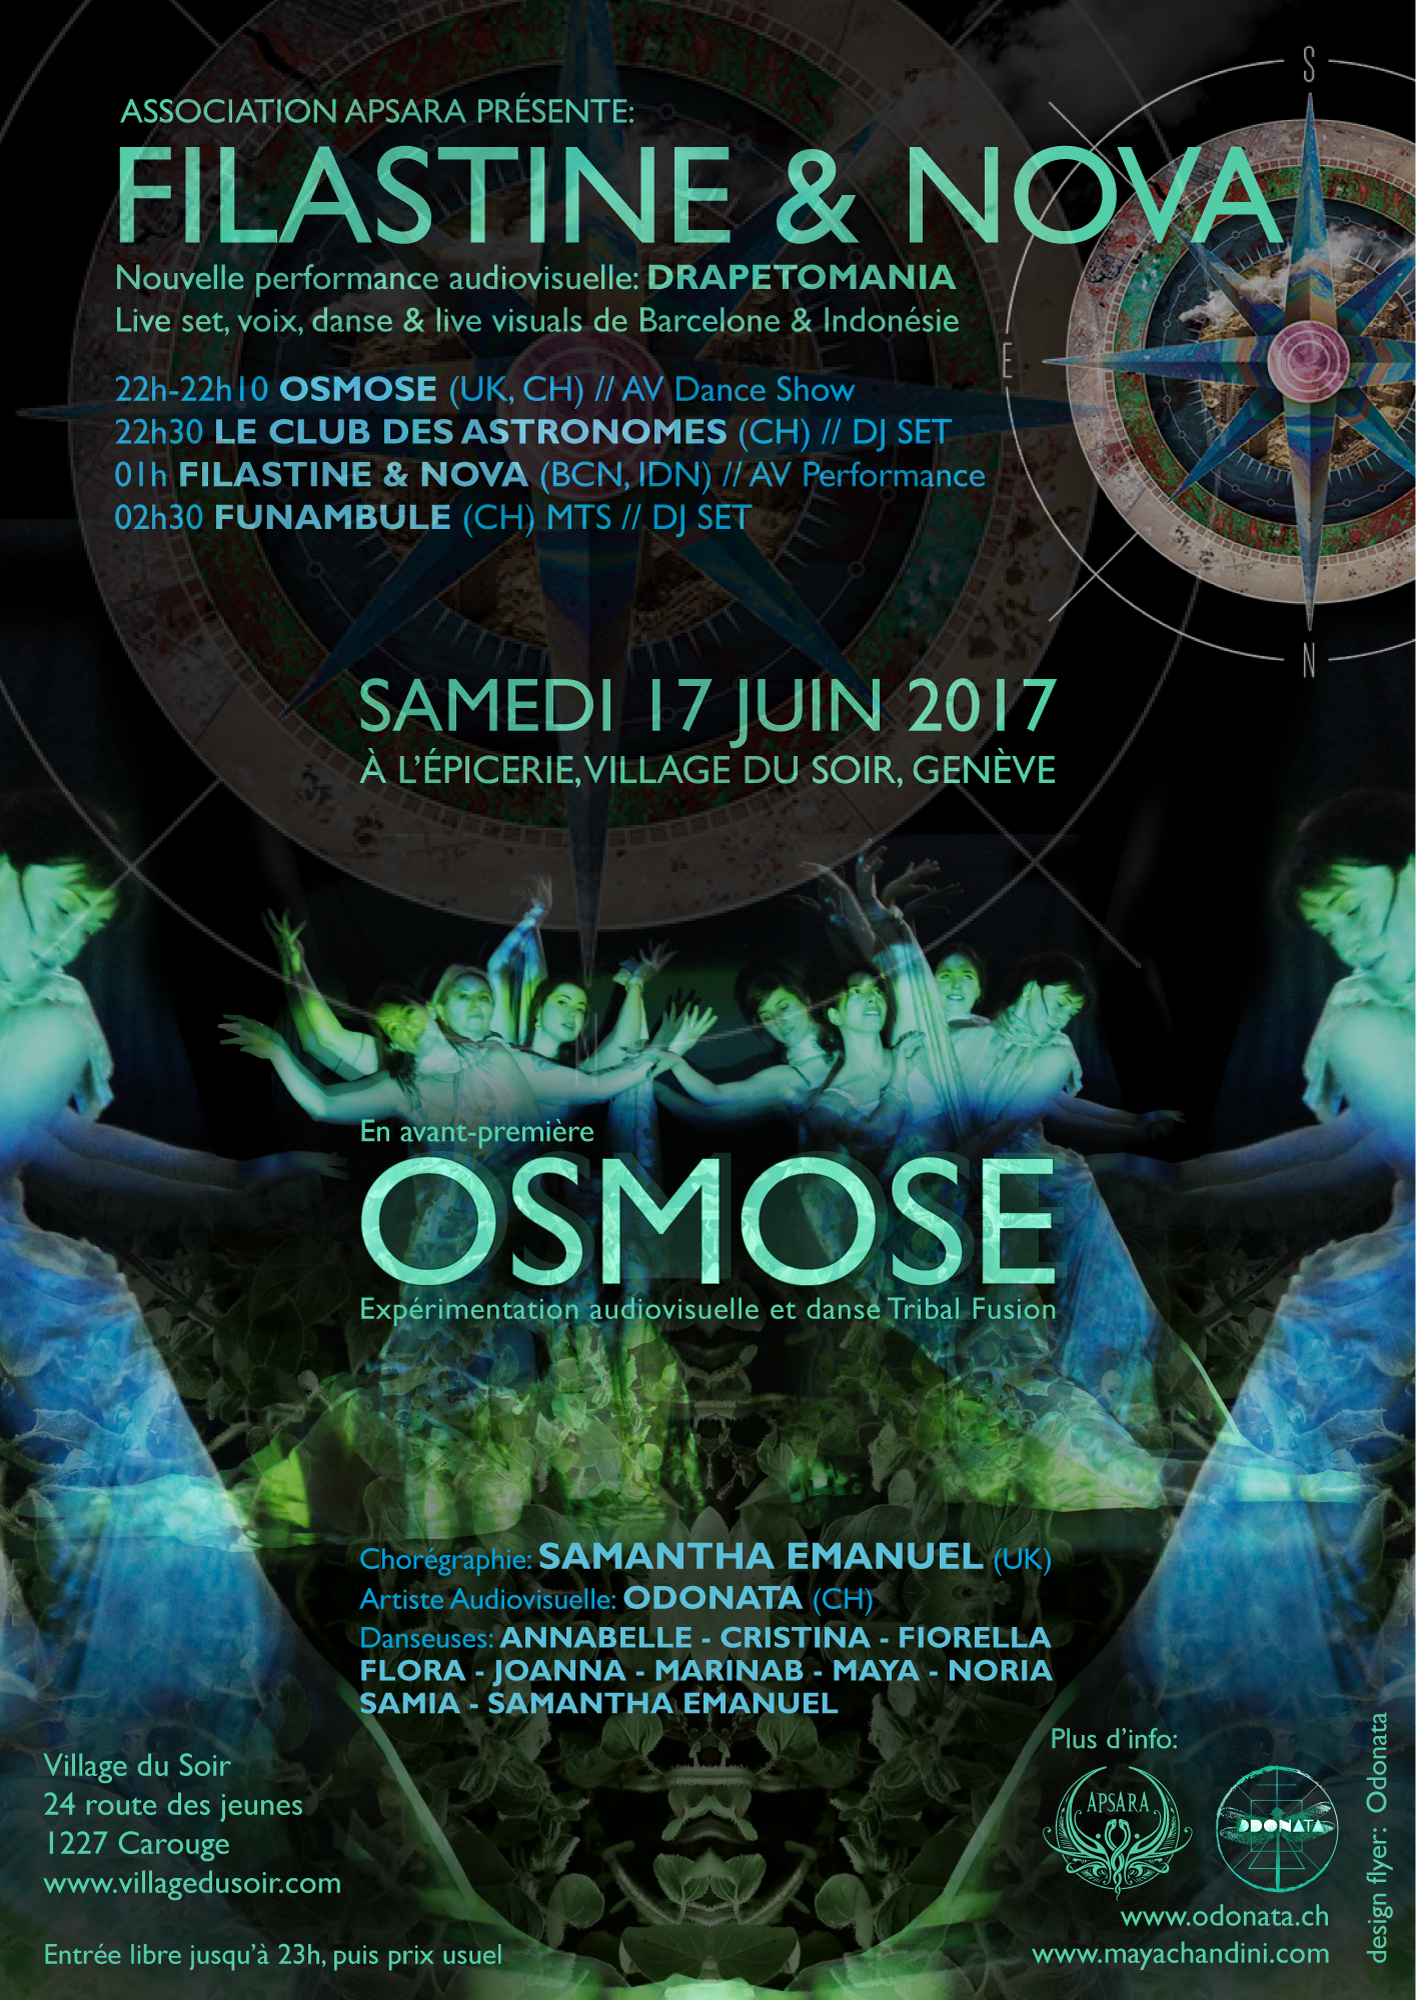 Flyer_Osmose_FilastineNova_2017